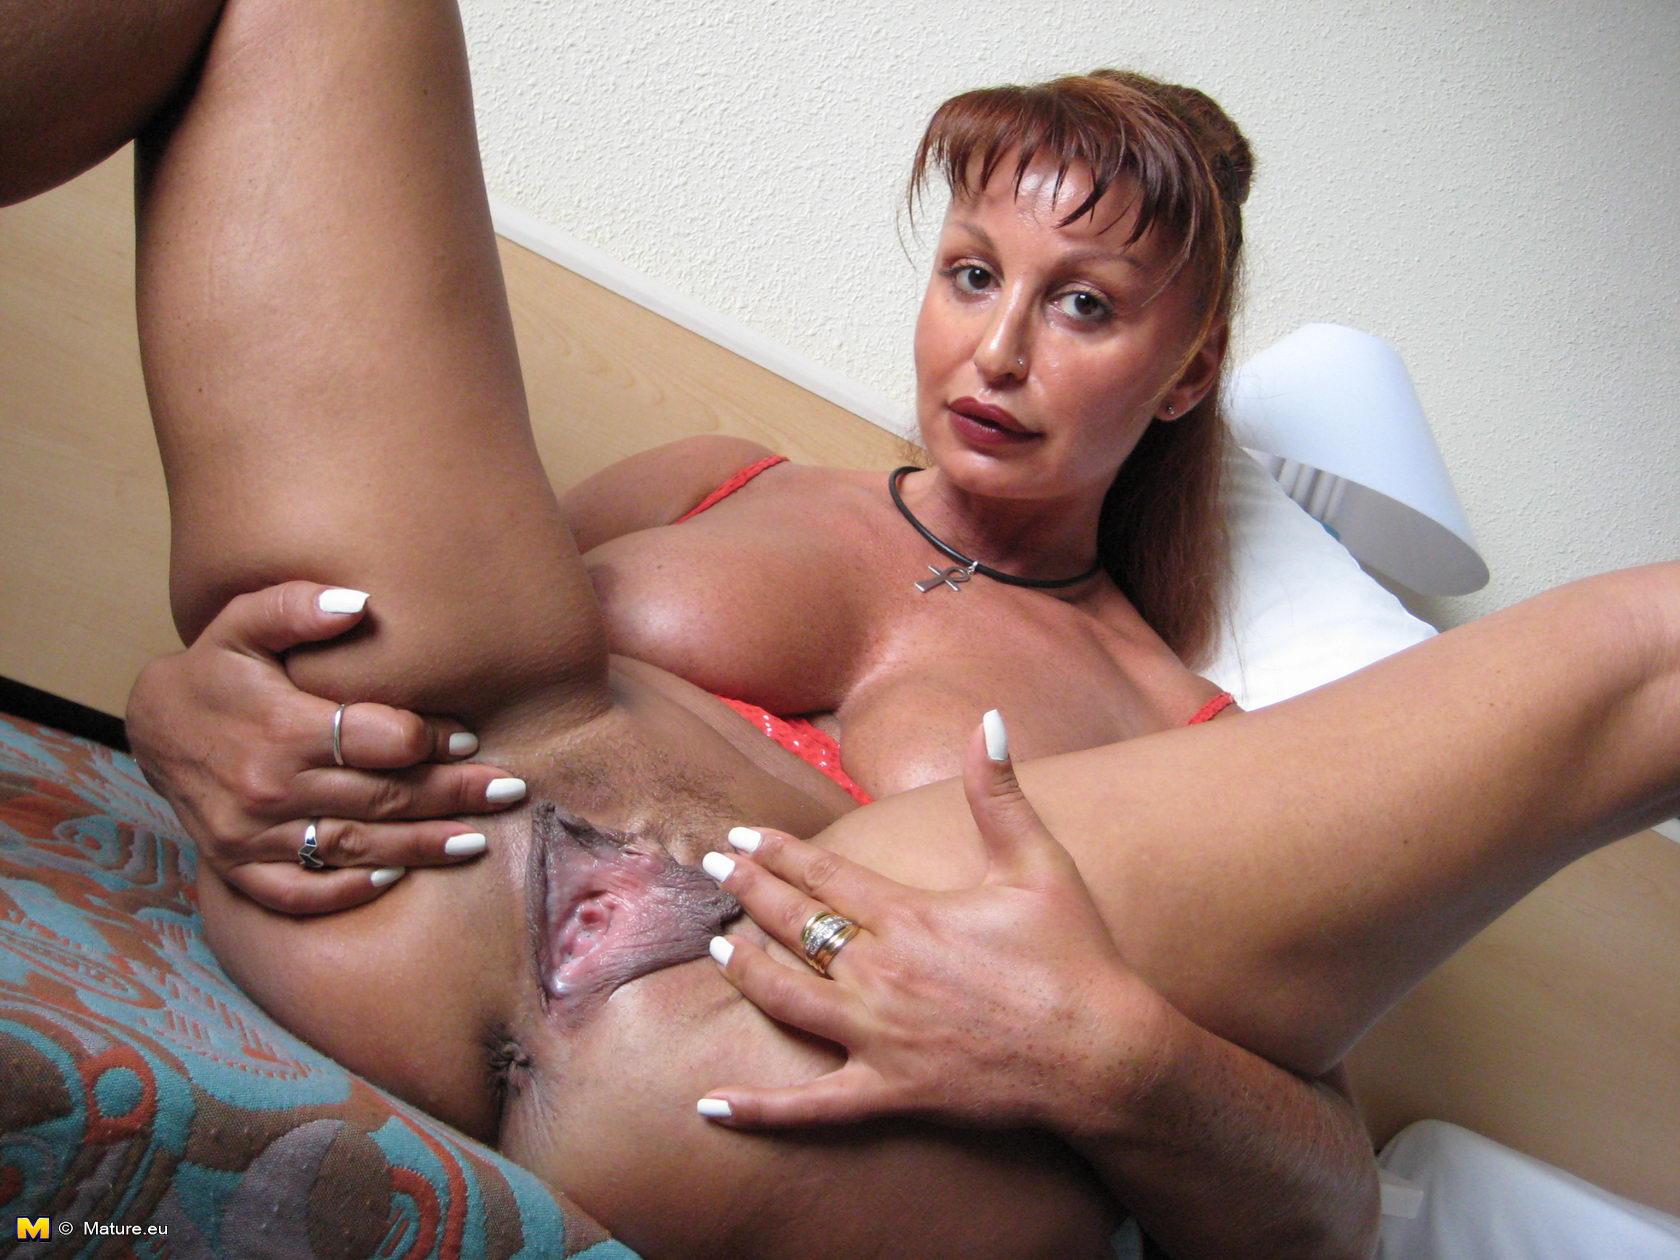 русских матюрок порно онлайн